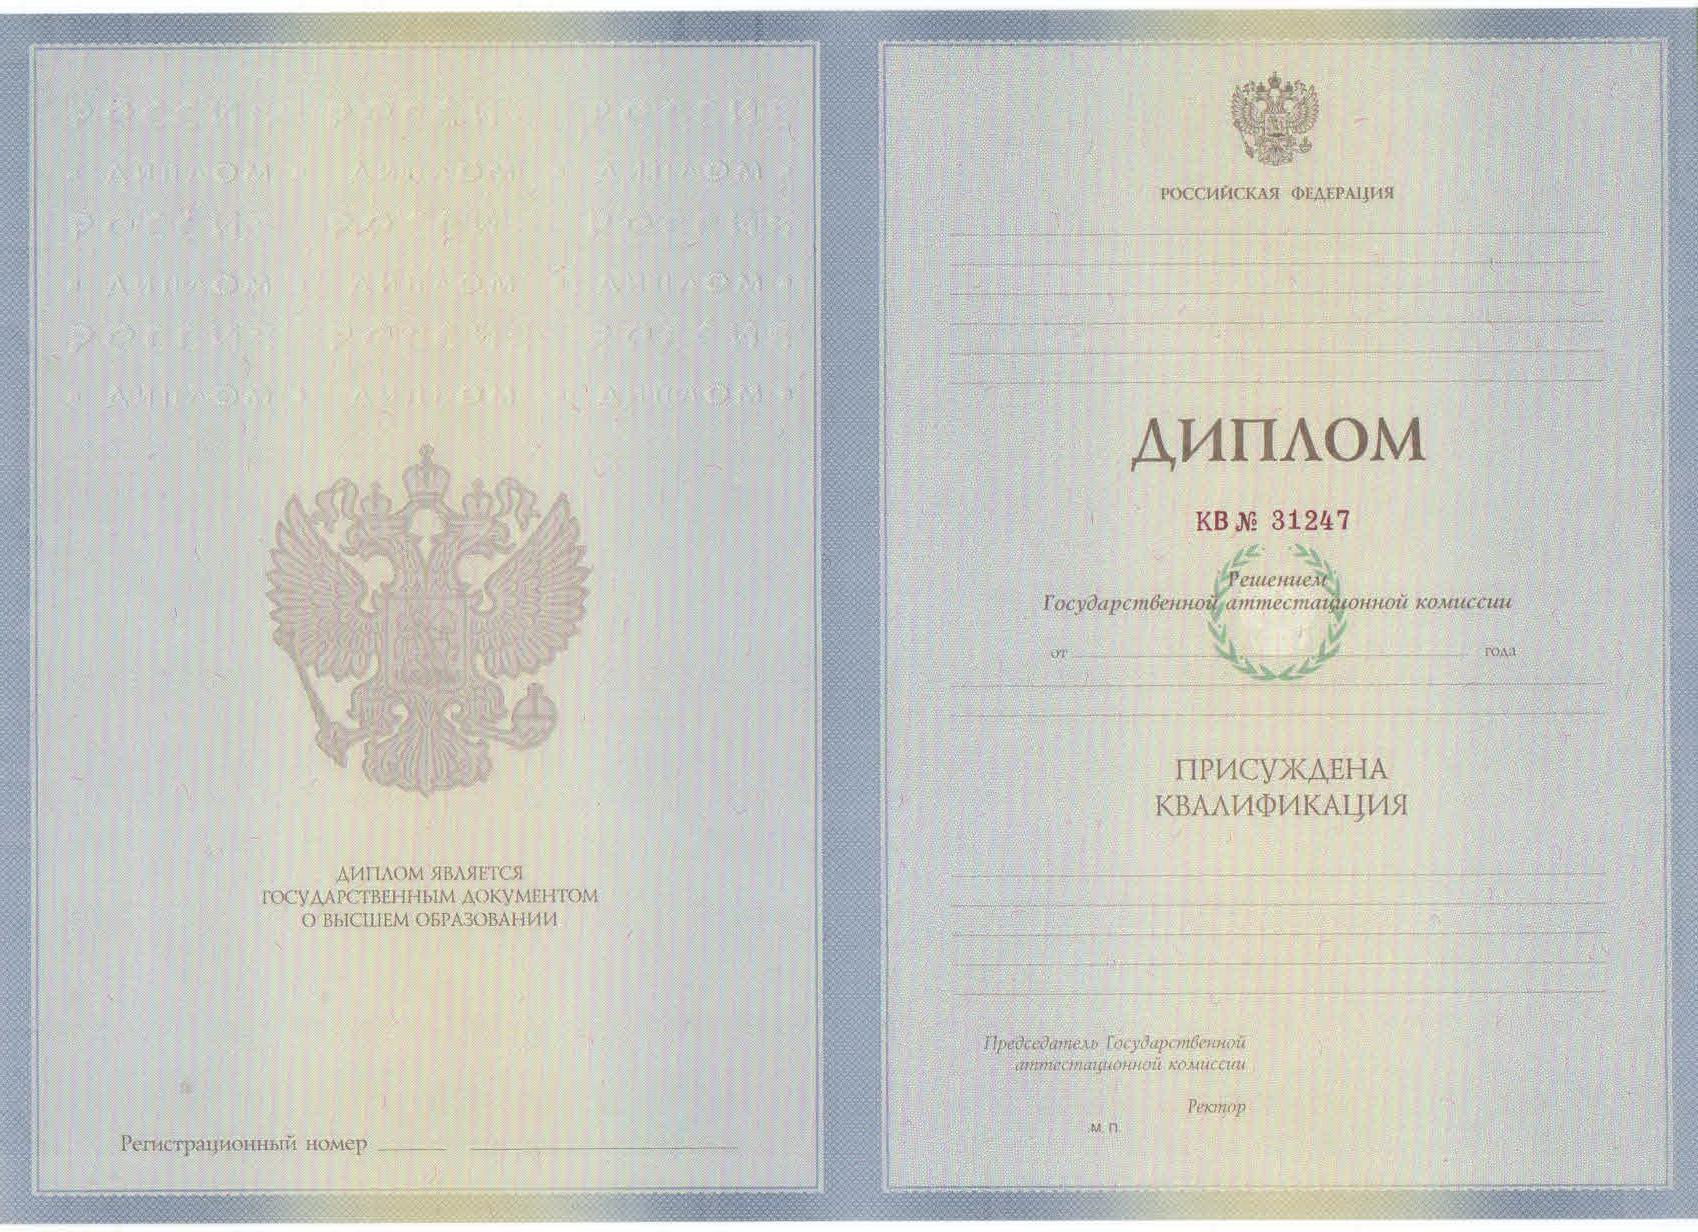 Купить диплом инженера в Москве